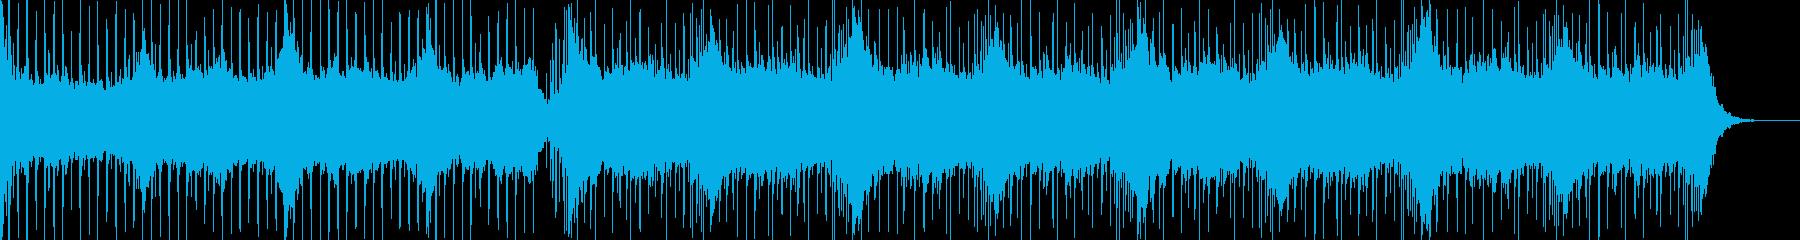 アンビエントな感じのブレイクビーツの再生済みの波形